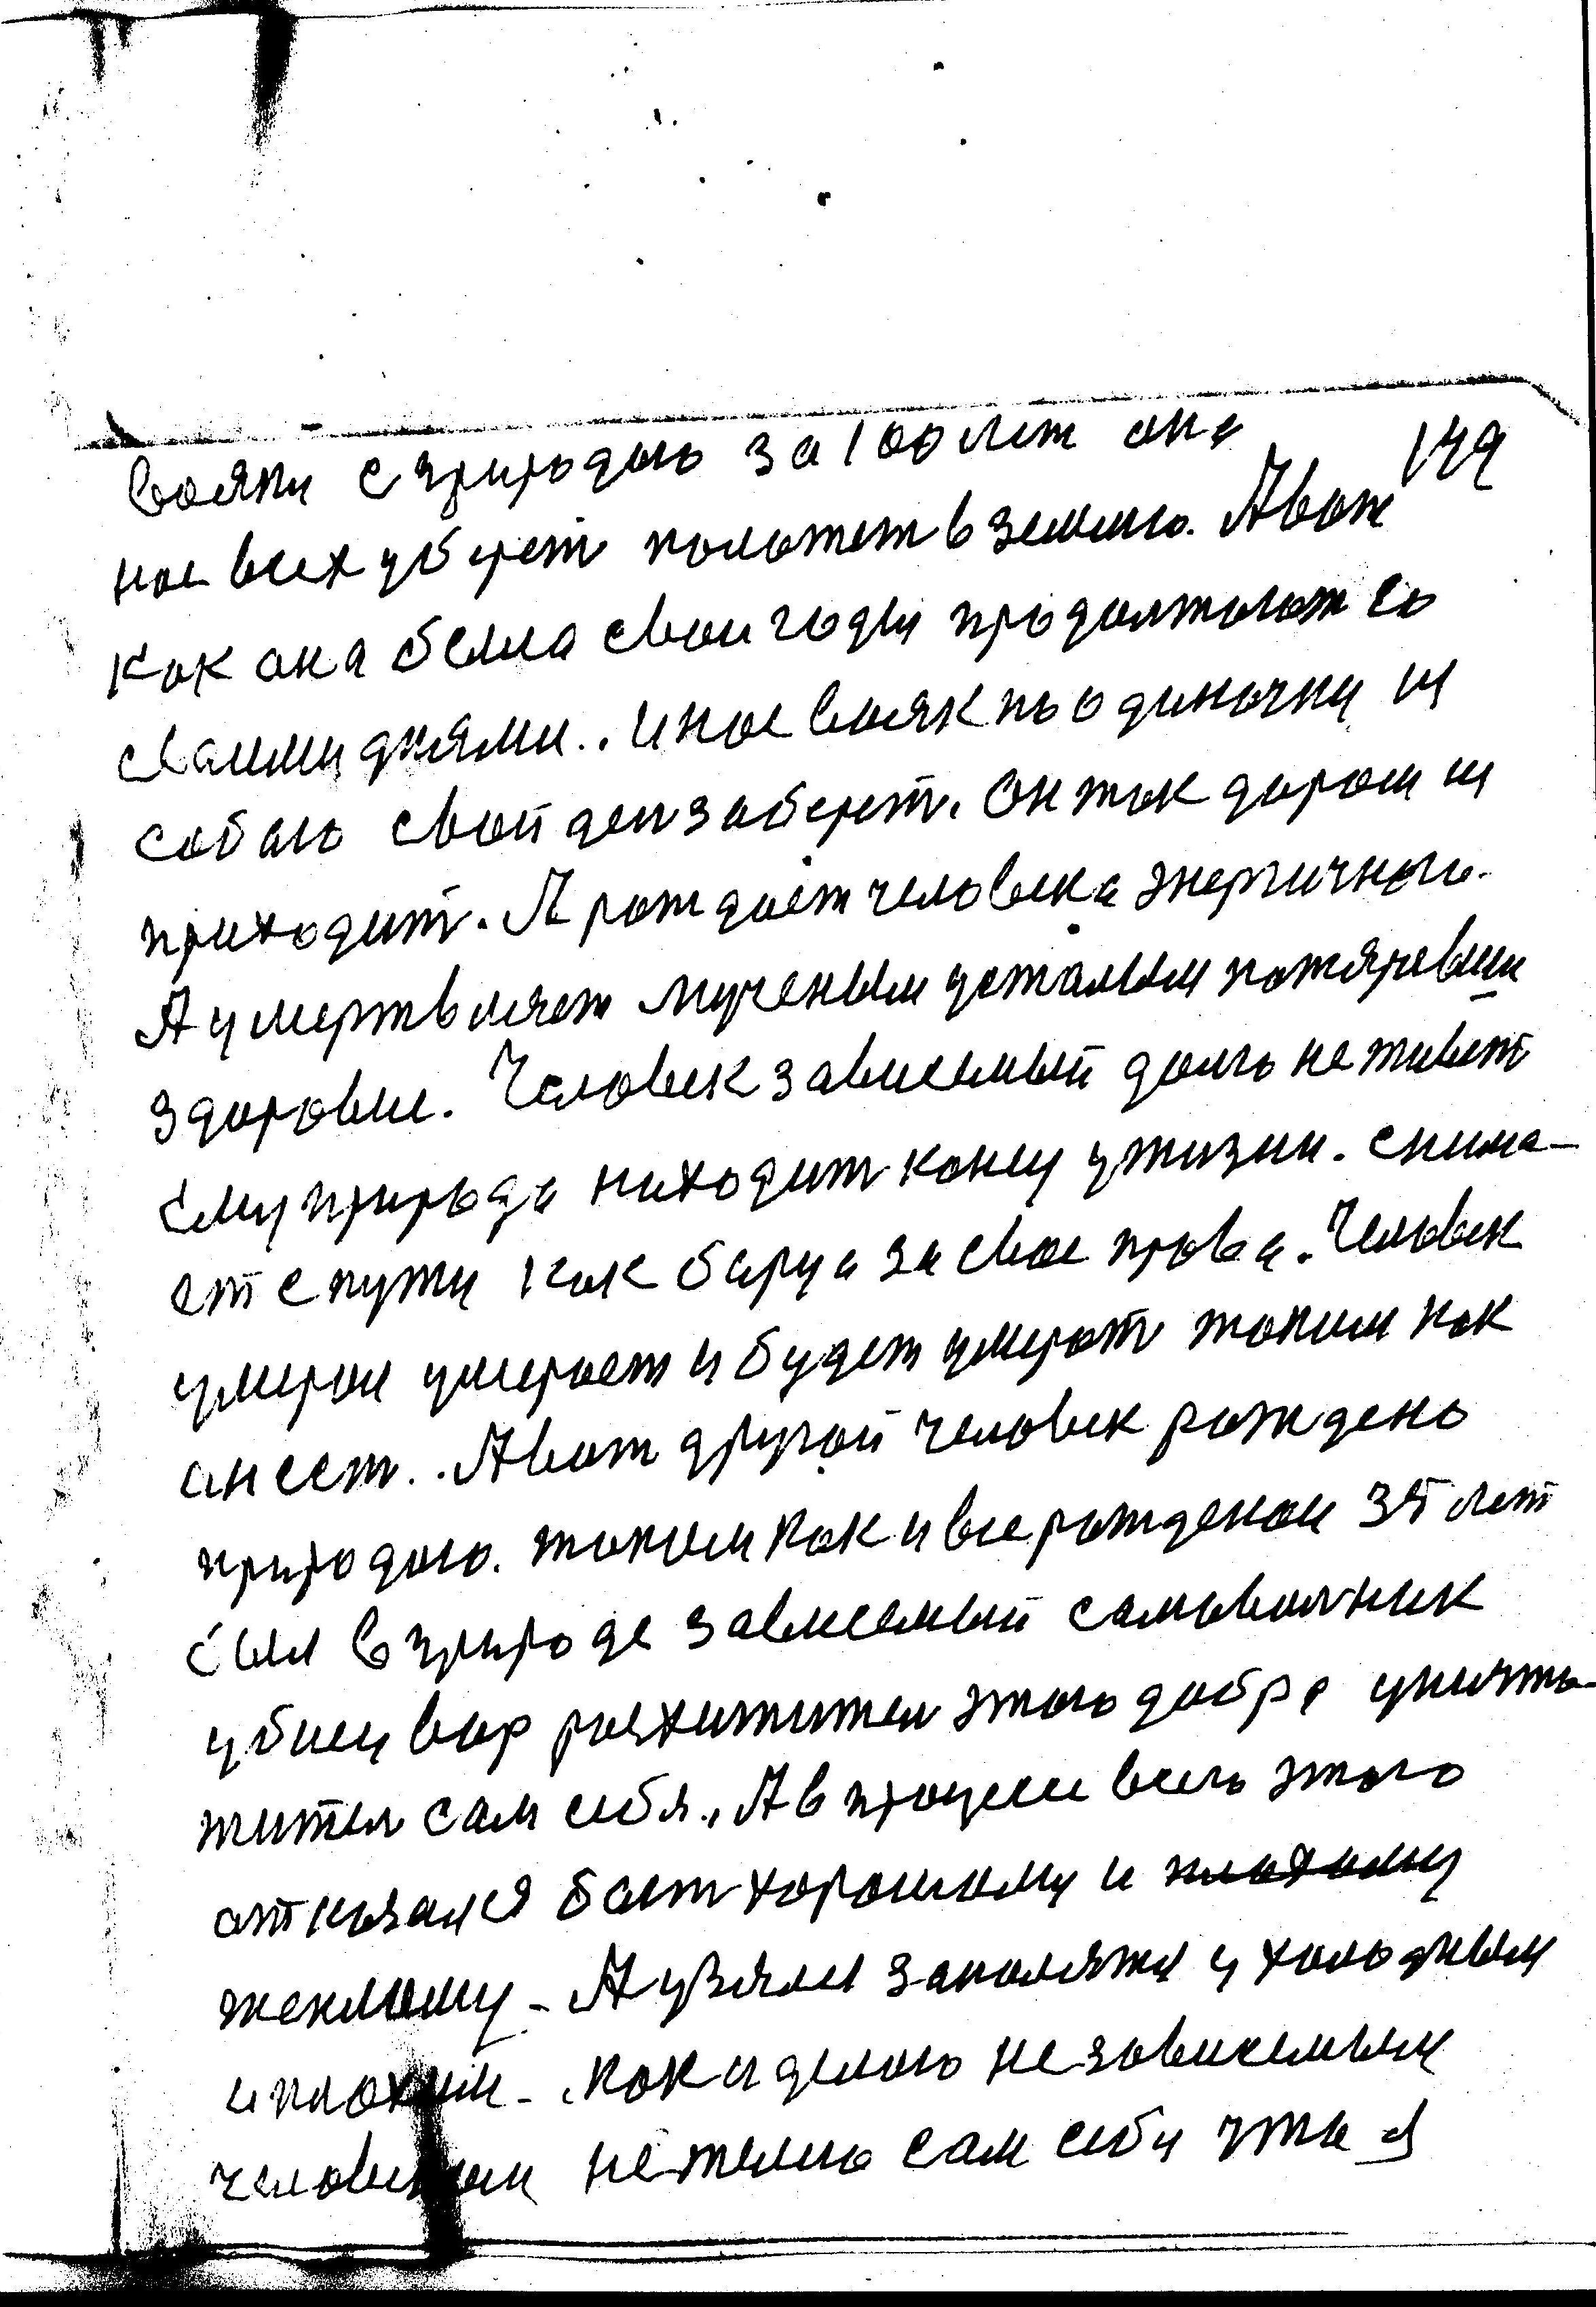 45-149.jpg